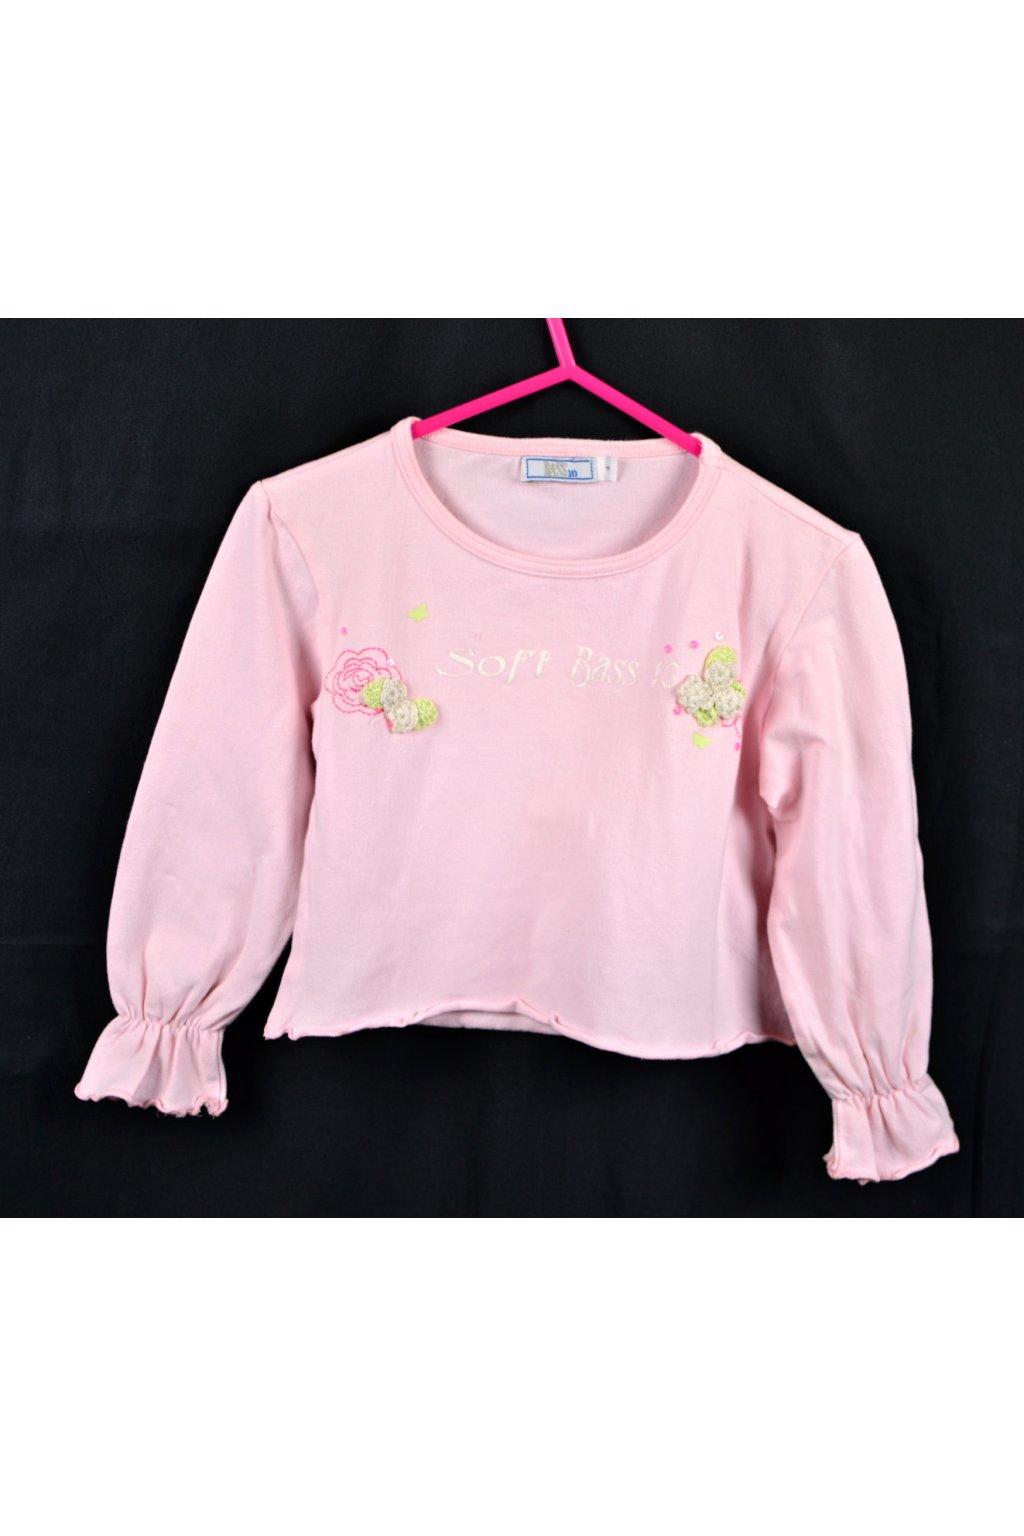 Tričko vel 3-4/104 růžové dlouhý rukáv